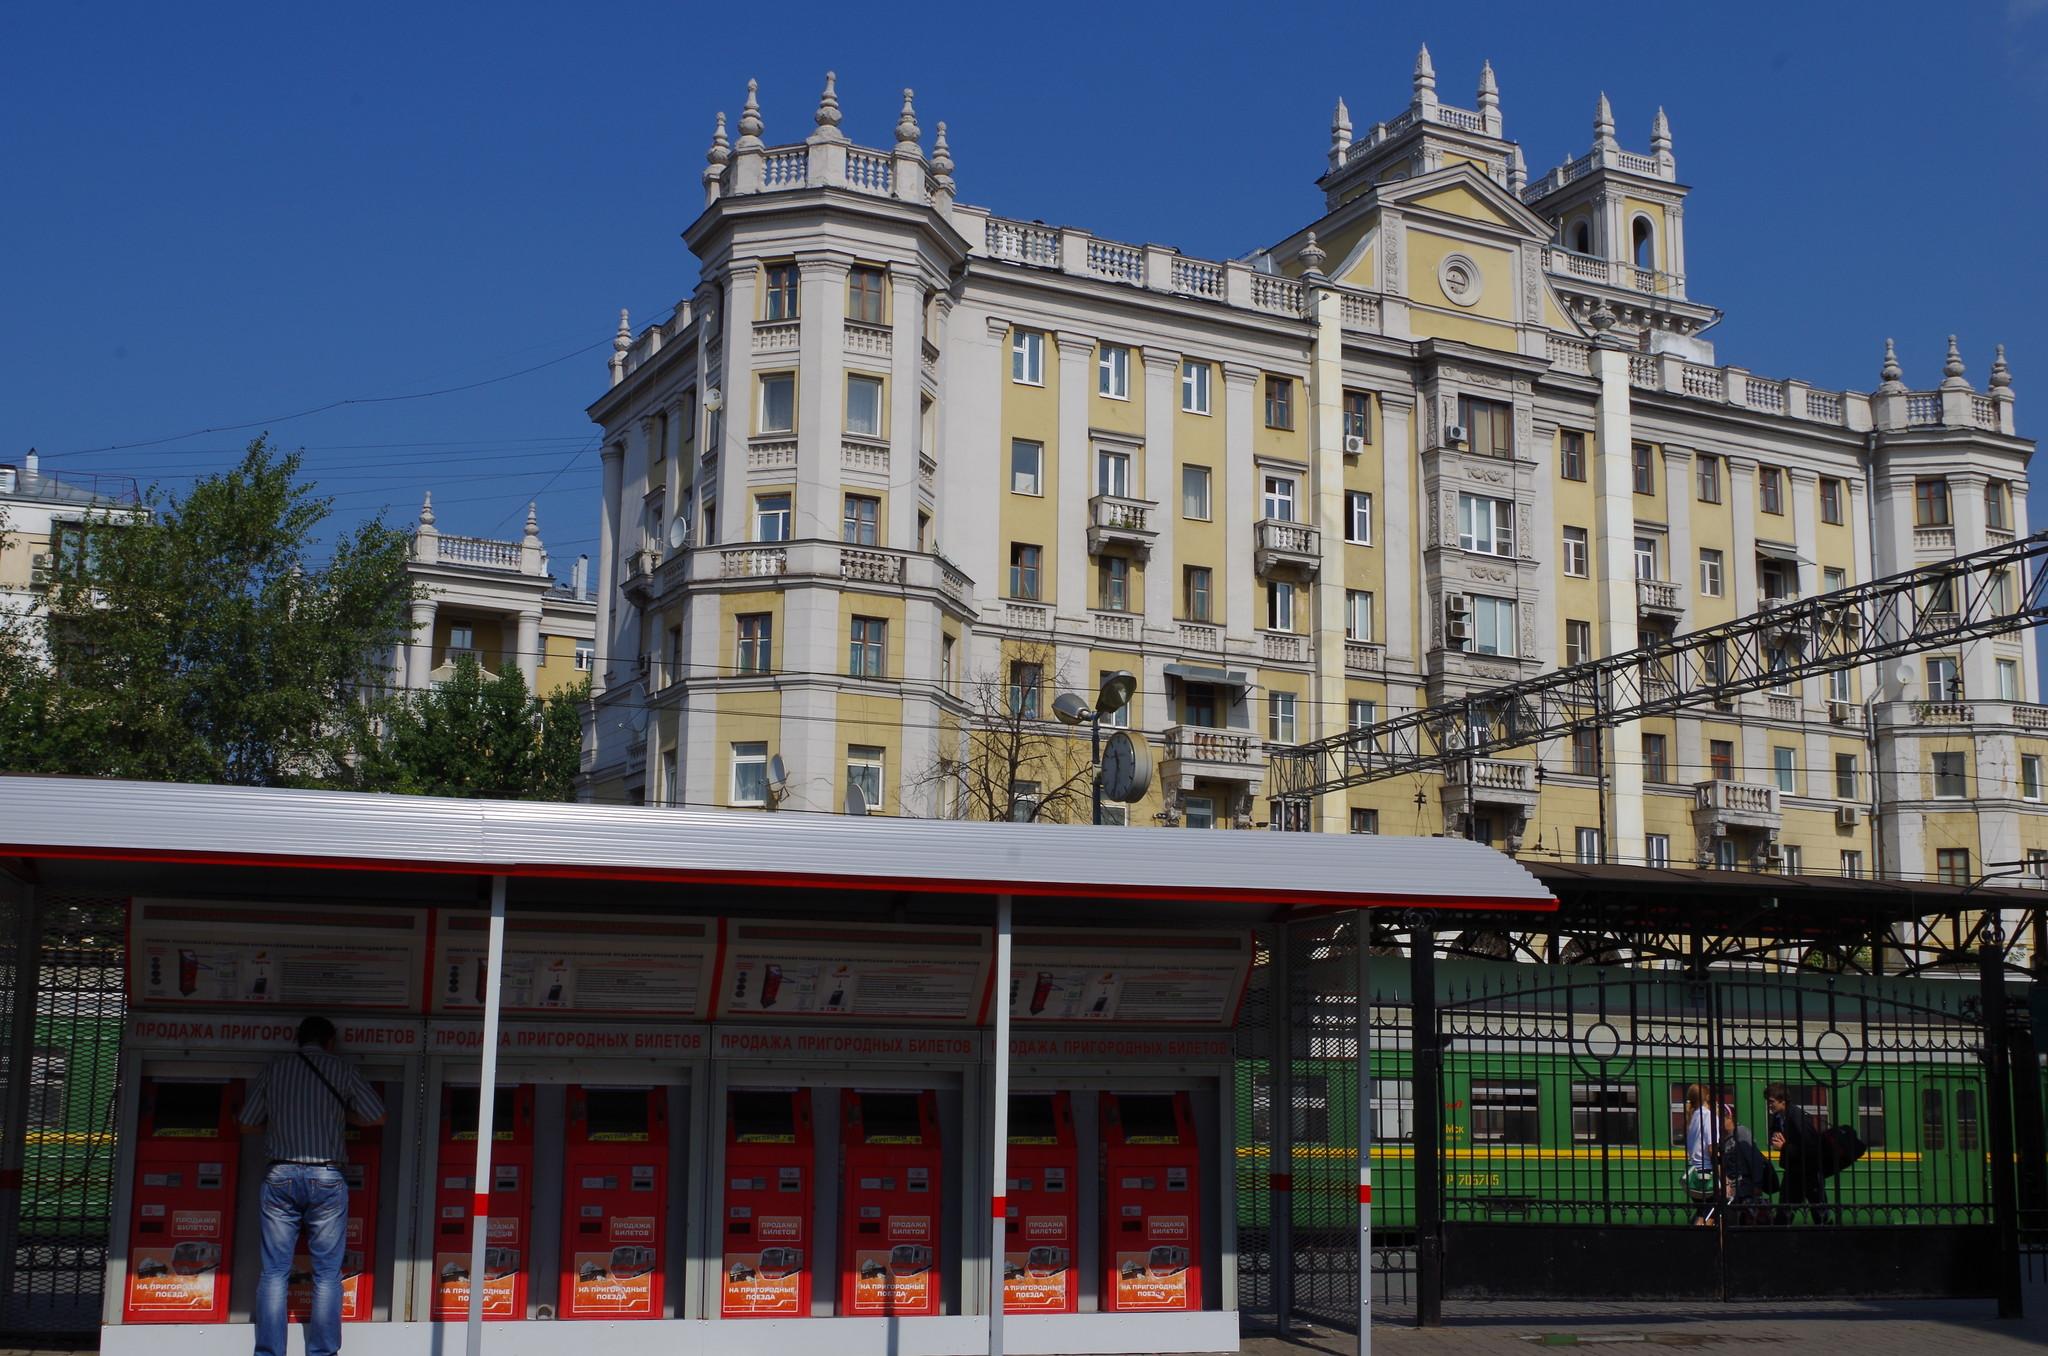 Продажа пригородных билетов на Белорусском вокзале